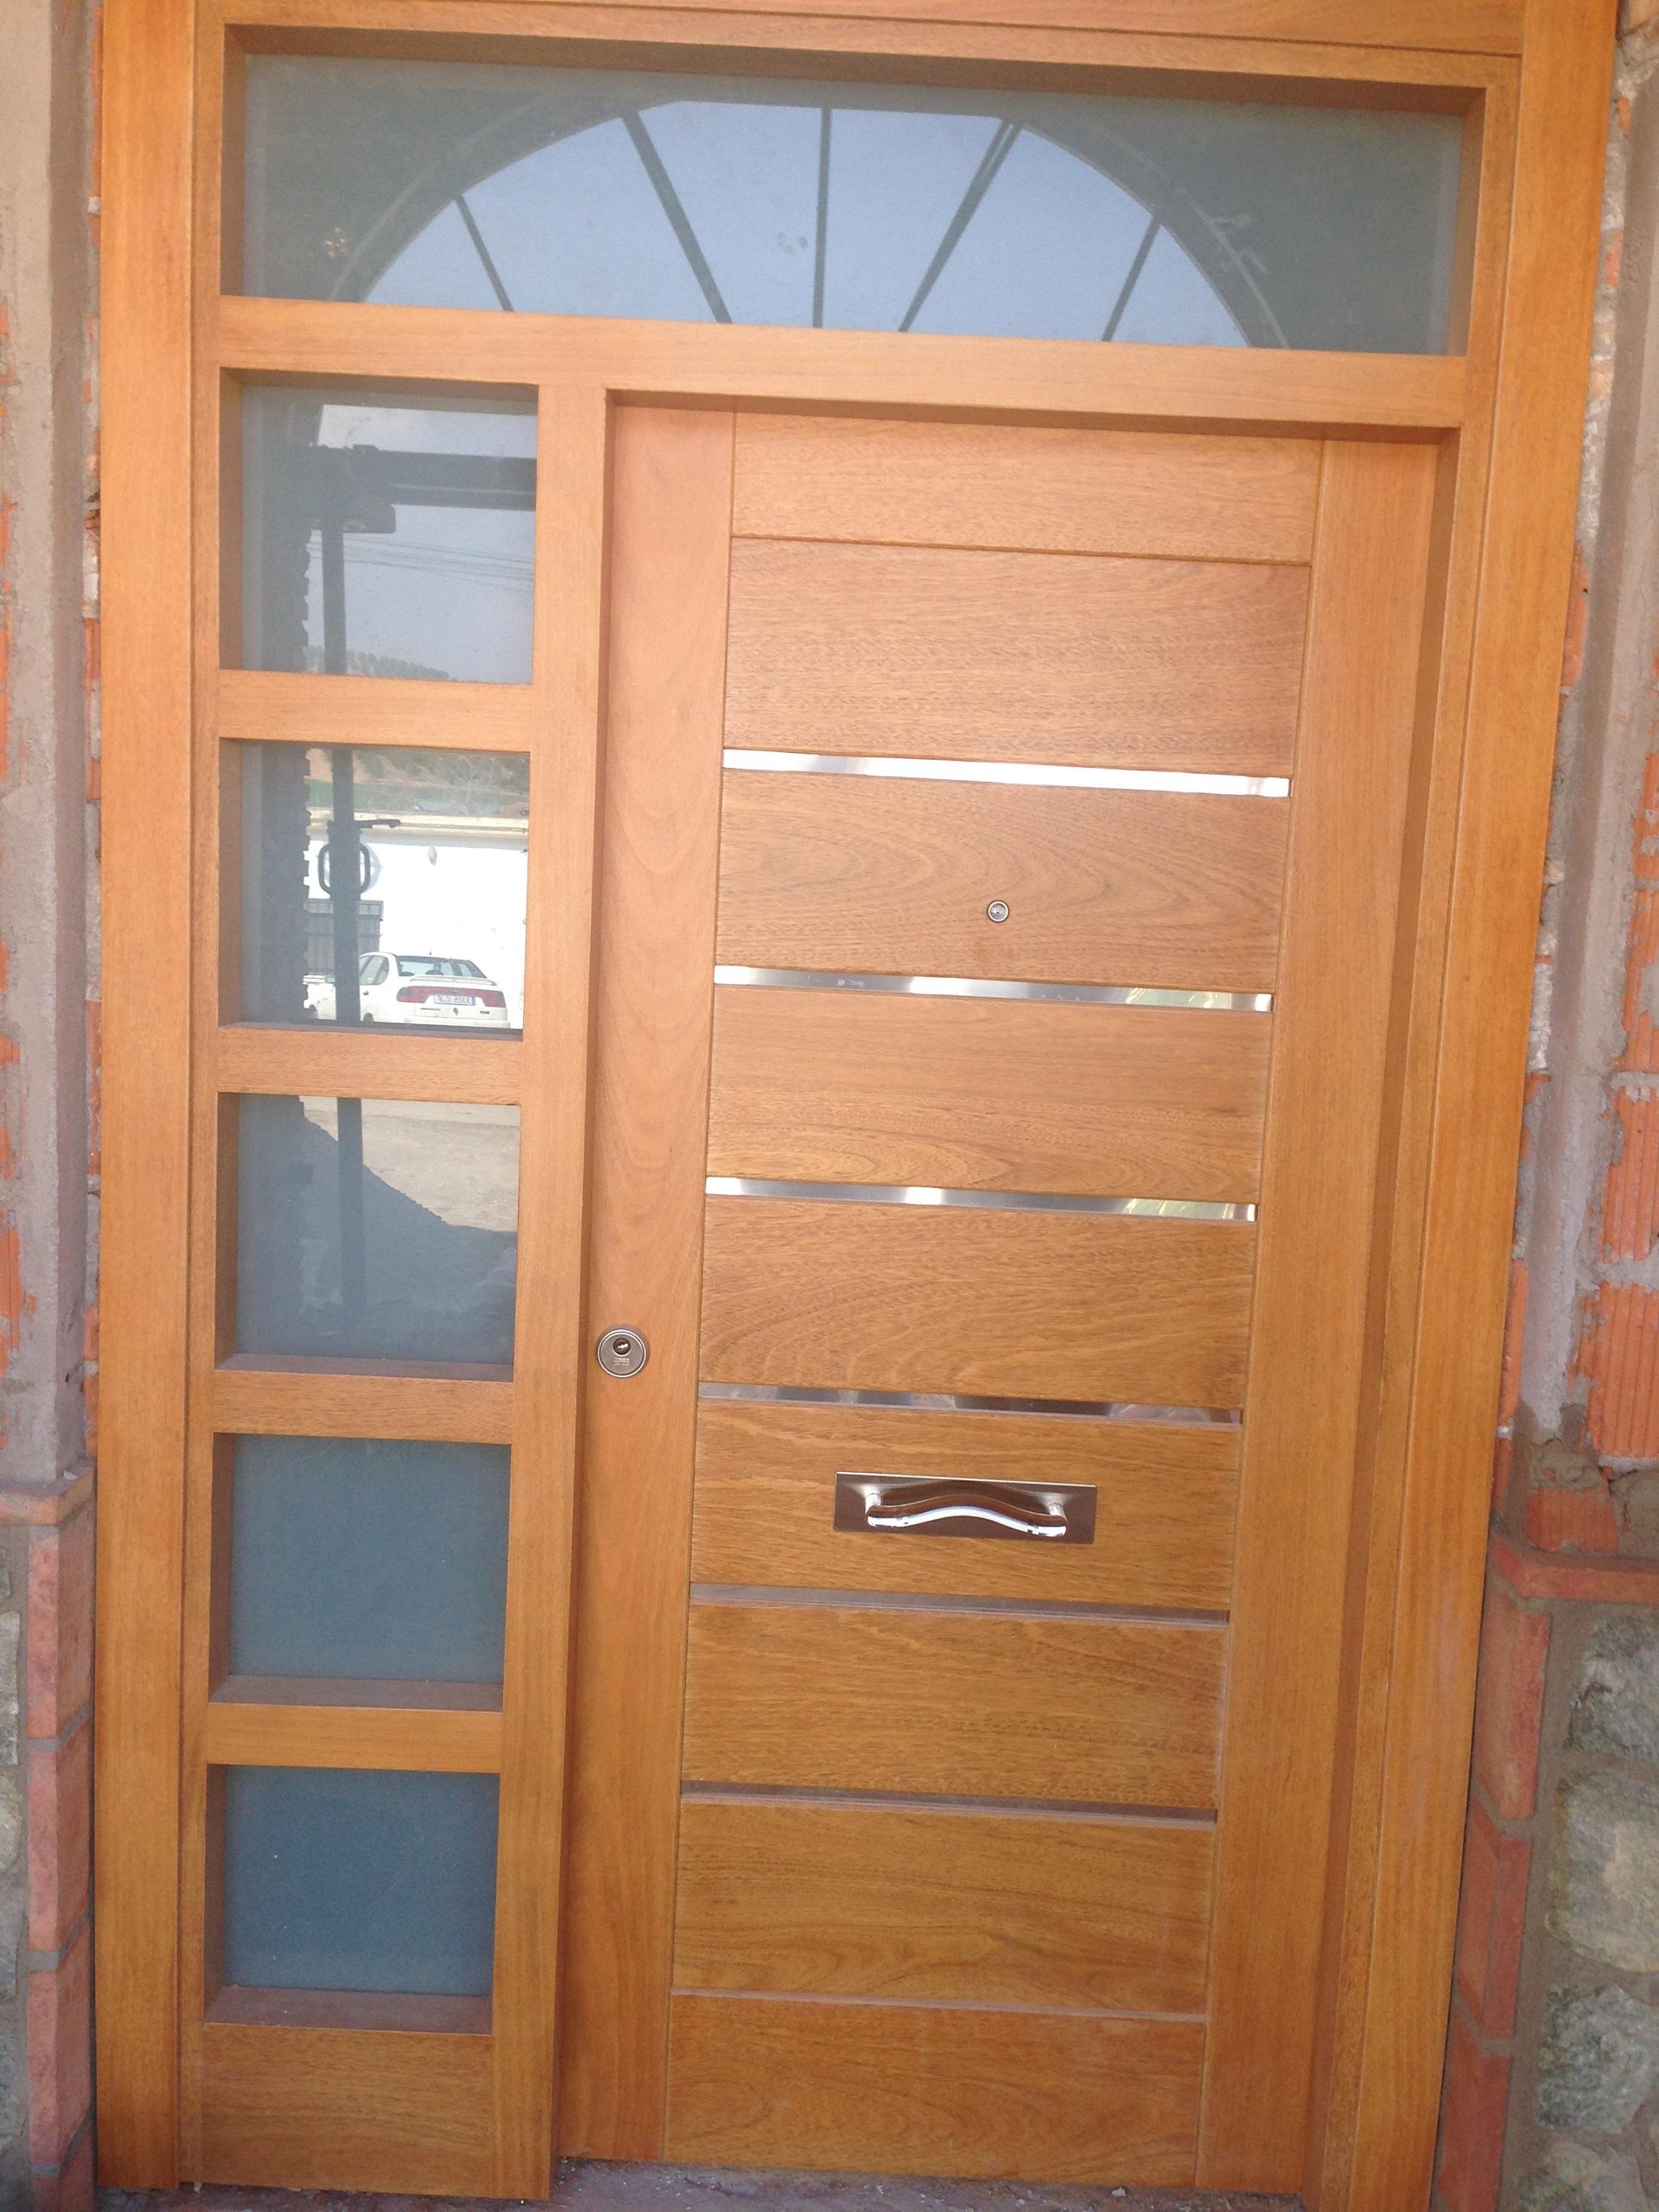 Carpinteria granada puertas armarios tarimas movidecor for Puertas a medida